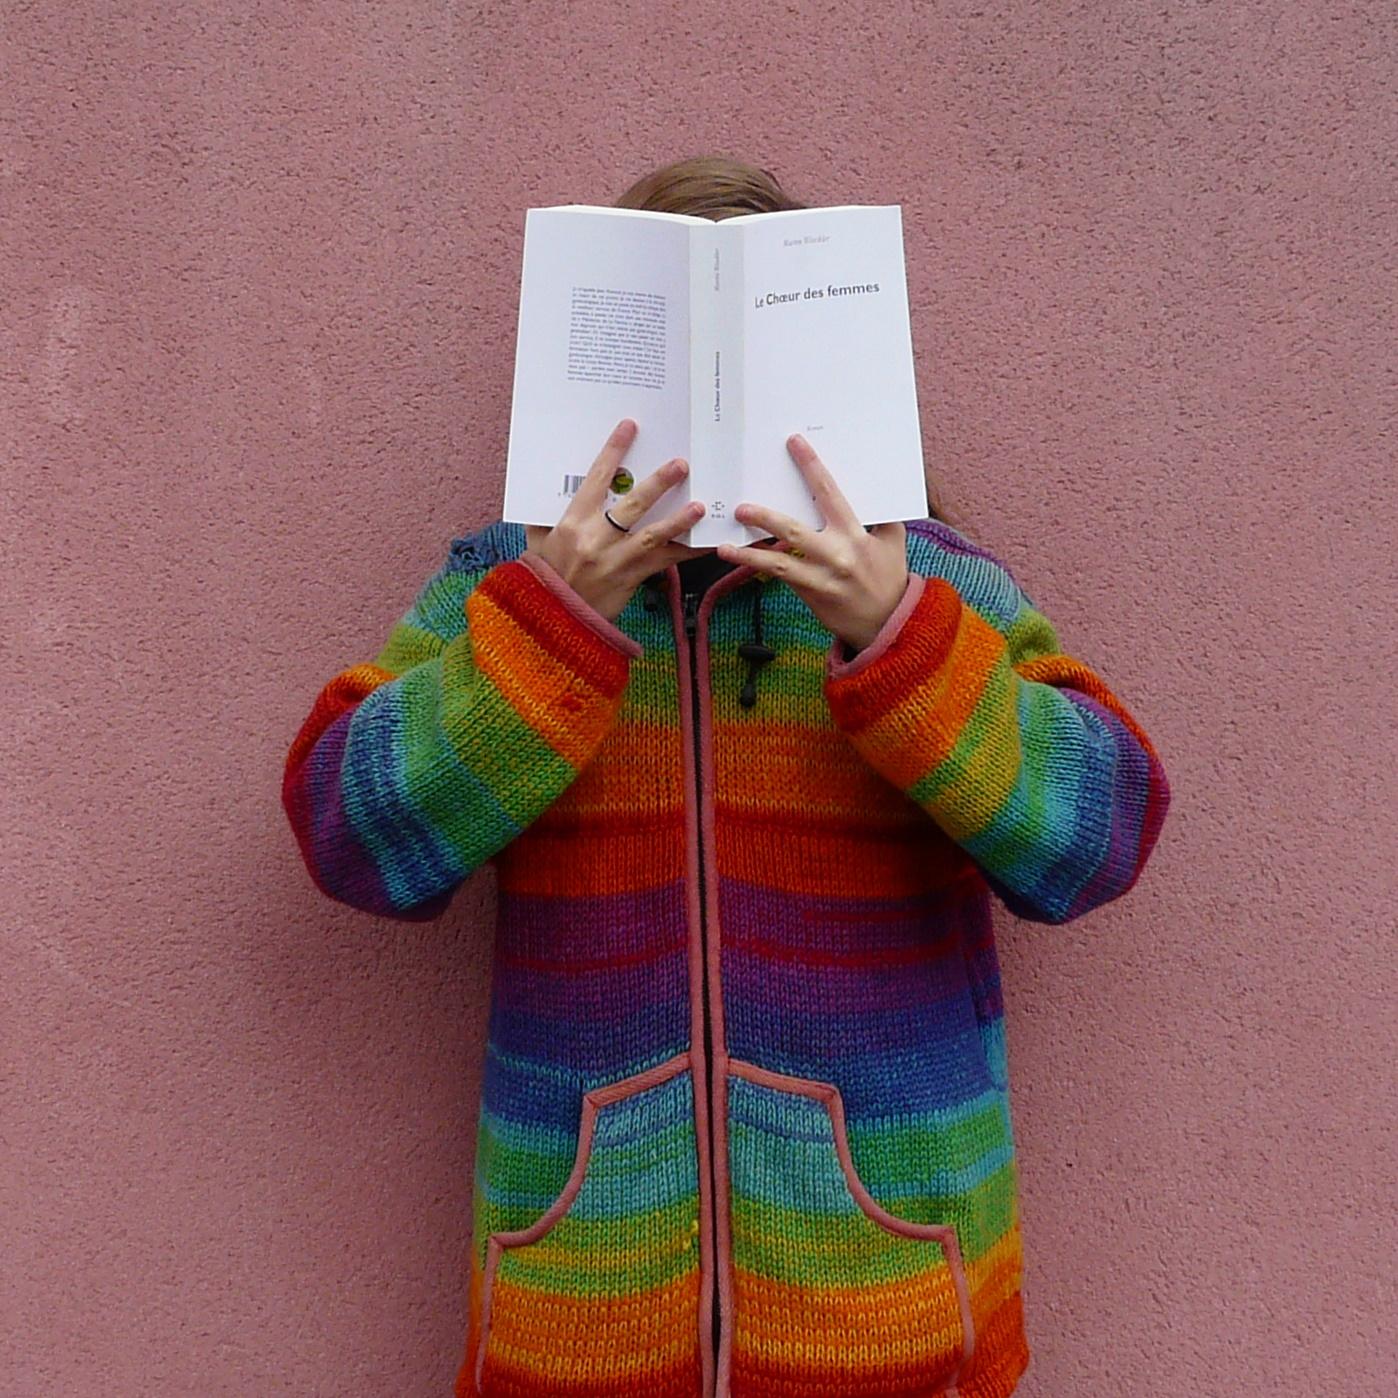 femme en manteau multicolore lisant Le chœur des Femmes devant un mur rose